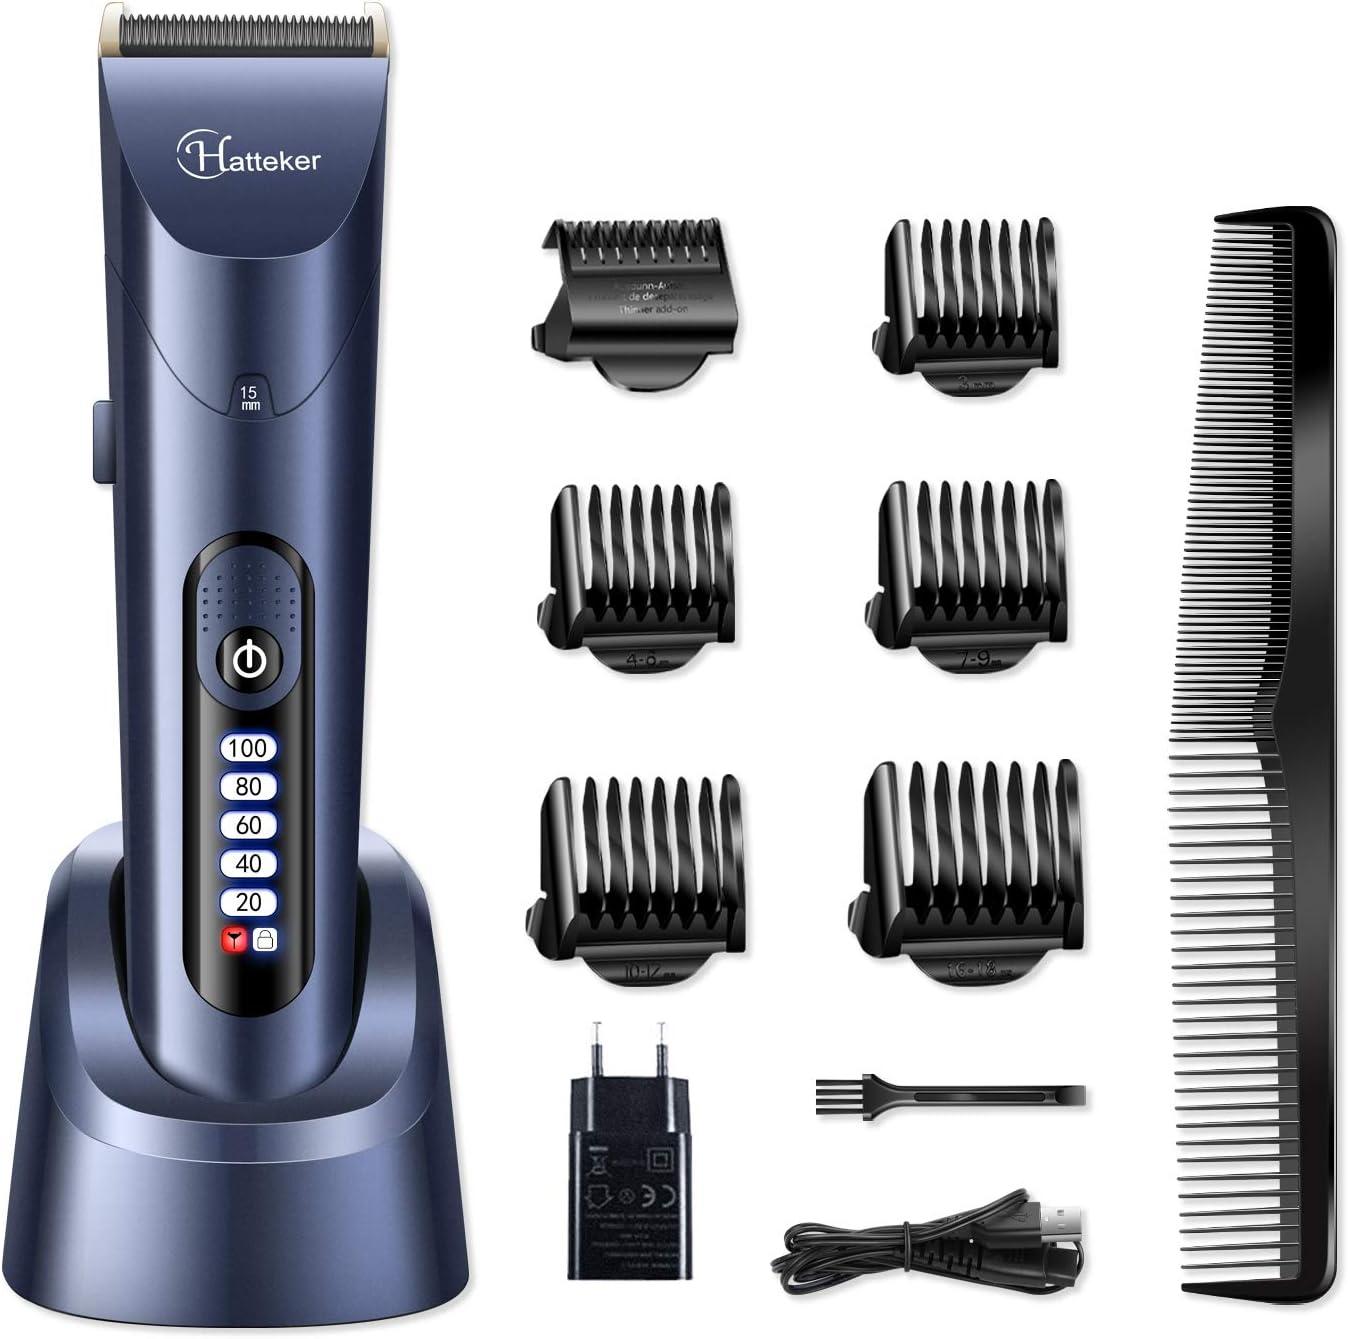 HATTEKER Cortapelos Cortapelo Máquina para Hombres Electrónico Cortar Pelo Profesional Recortador de barba con Batería Recargable y Pantalla LCD Impermeable